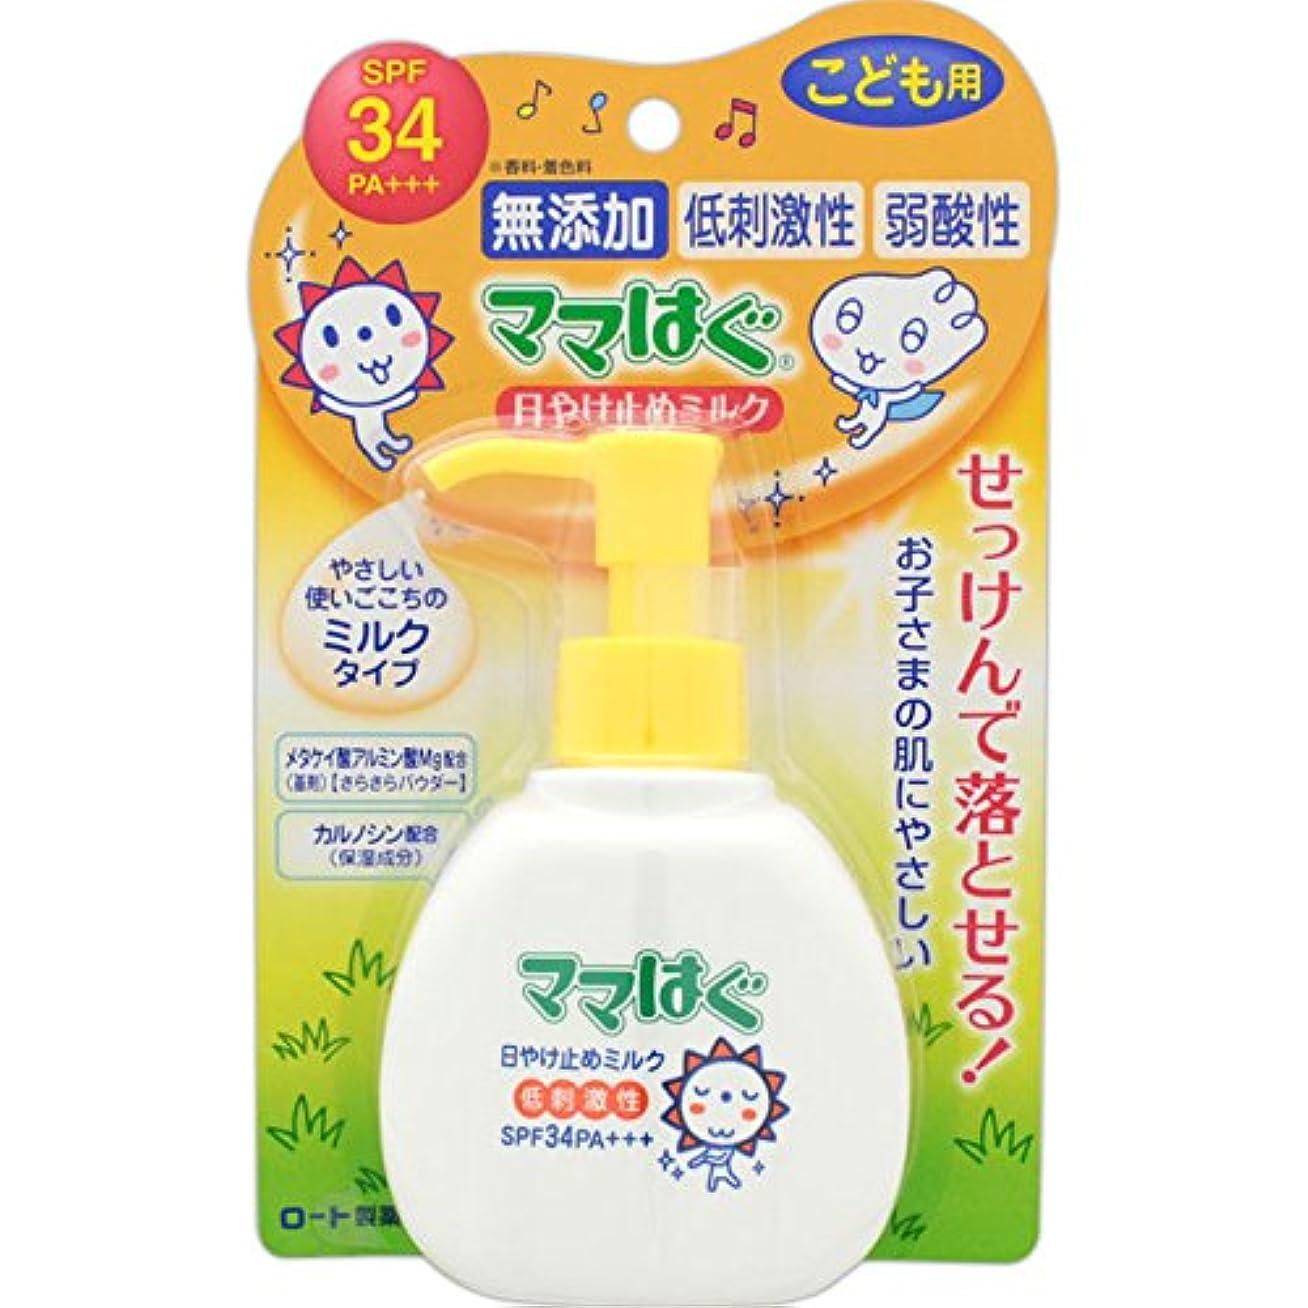 閉じる逸話同一のロート製薬 ママはぐ 無添加 低刺激性日やけ止めミルク SPF34 PA+++ 100g